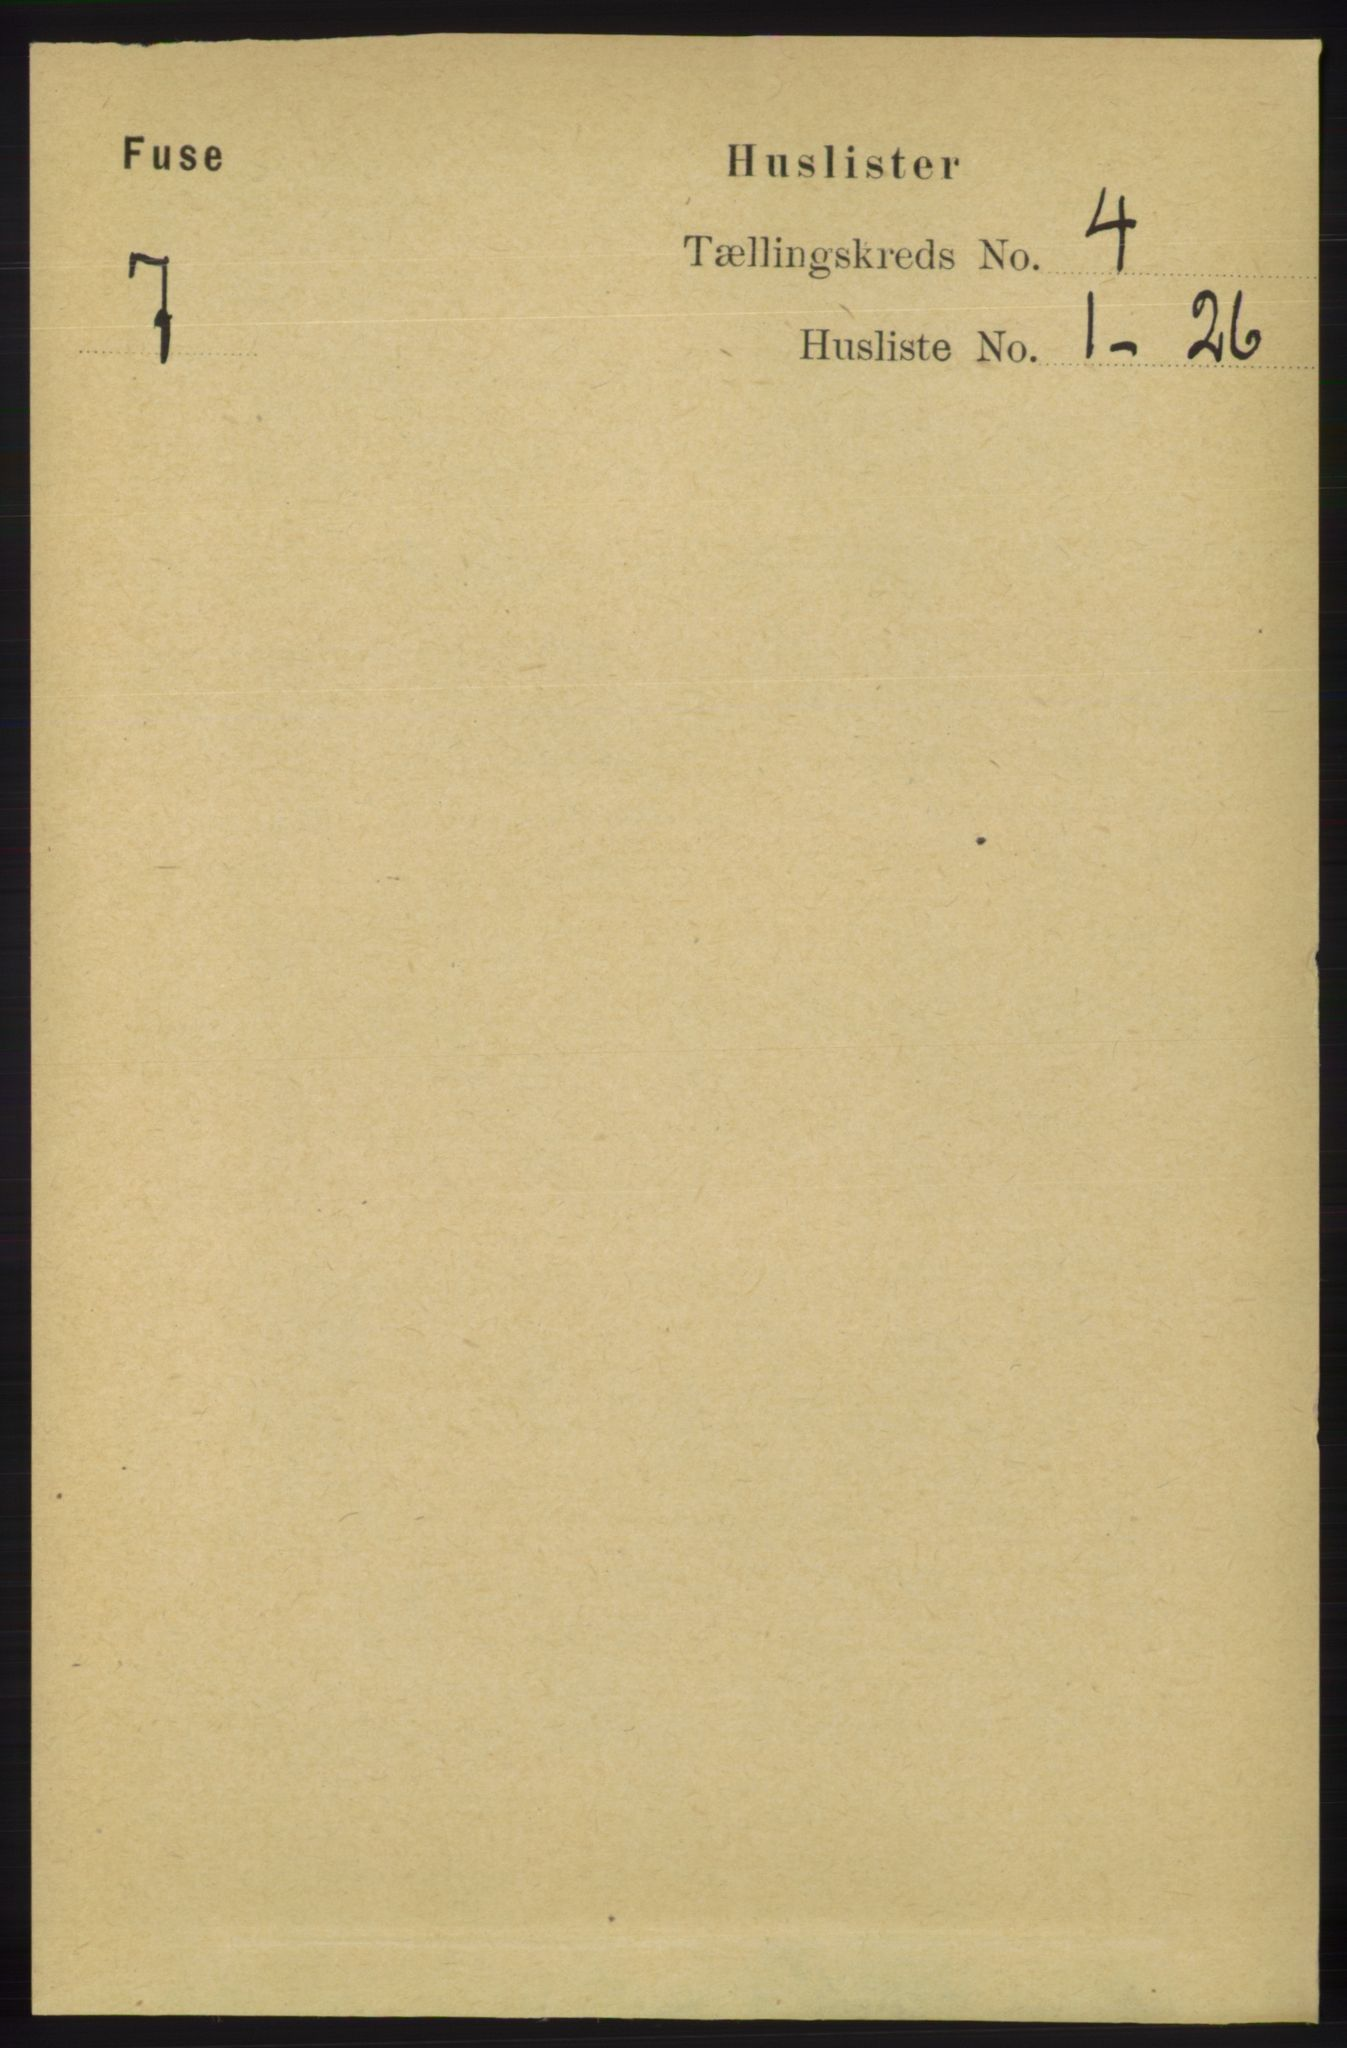 RA, Folketelling 1891 for 1241 Fusa herred, 1891, s. 676